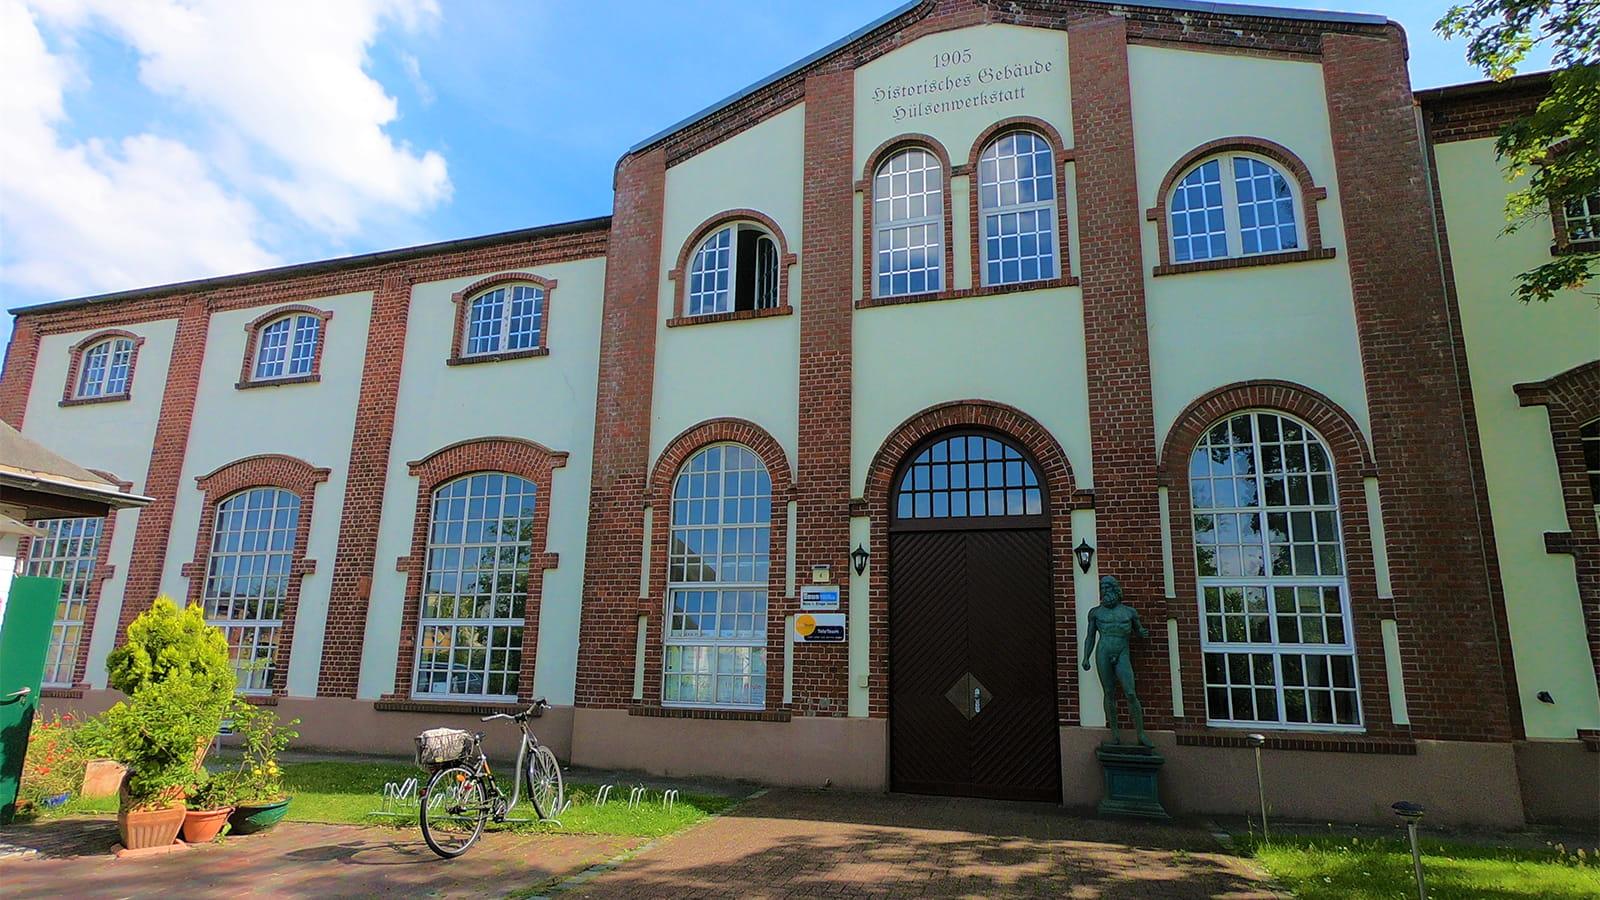 Bild von dem TeleTeam Call-Center und Service GmbH Büro in der Planckstraße 4 in Wilhelmshaven